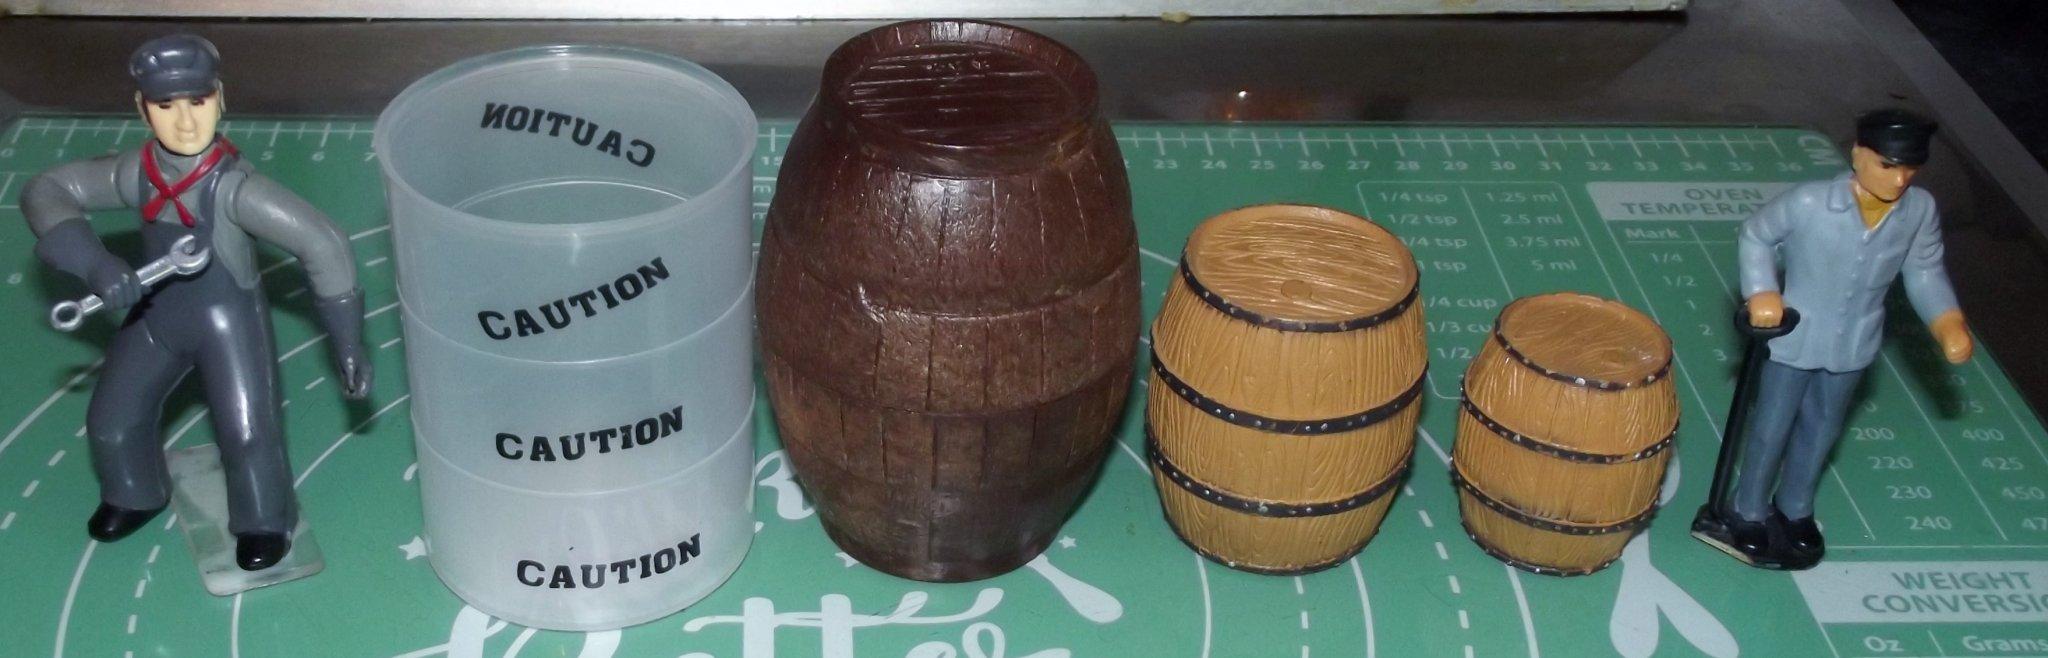 drums n barrels (2).JPG